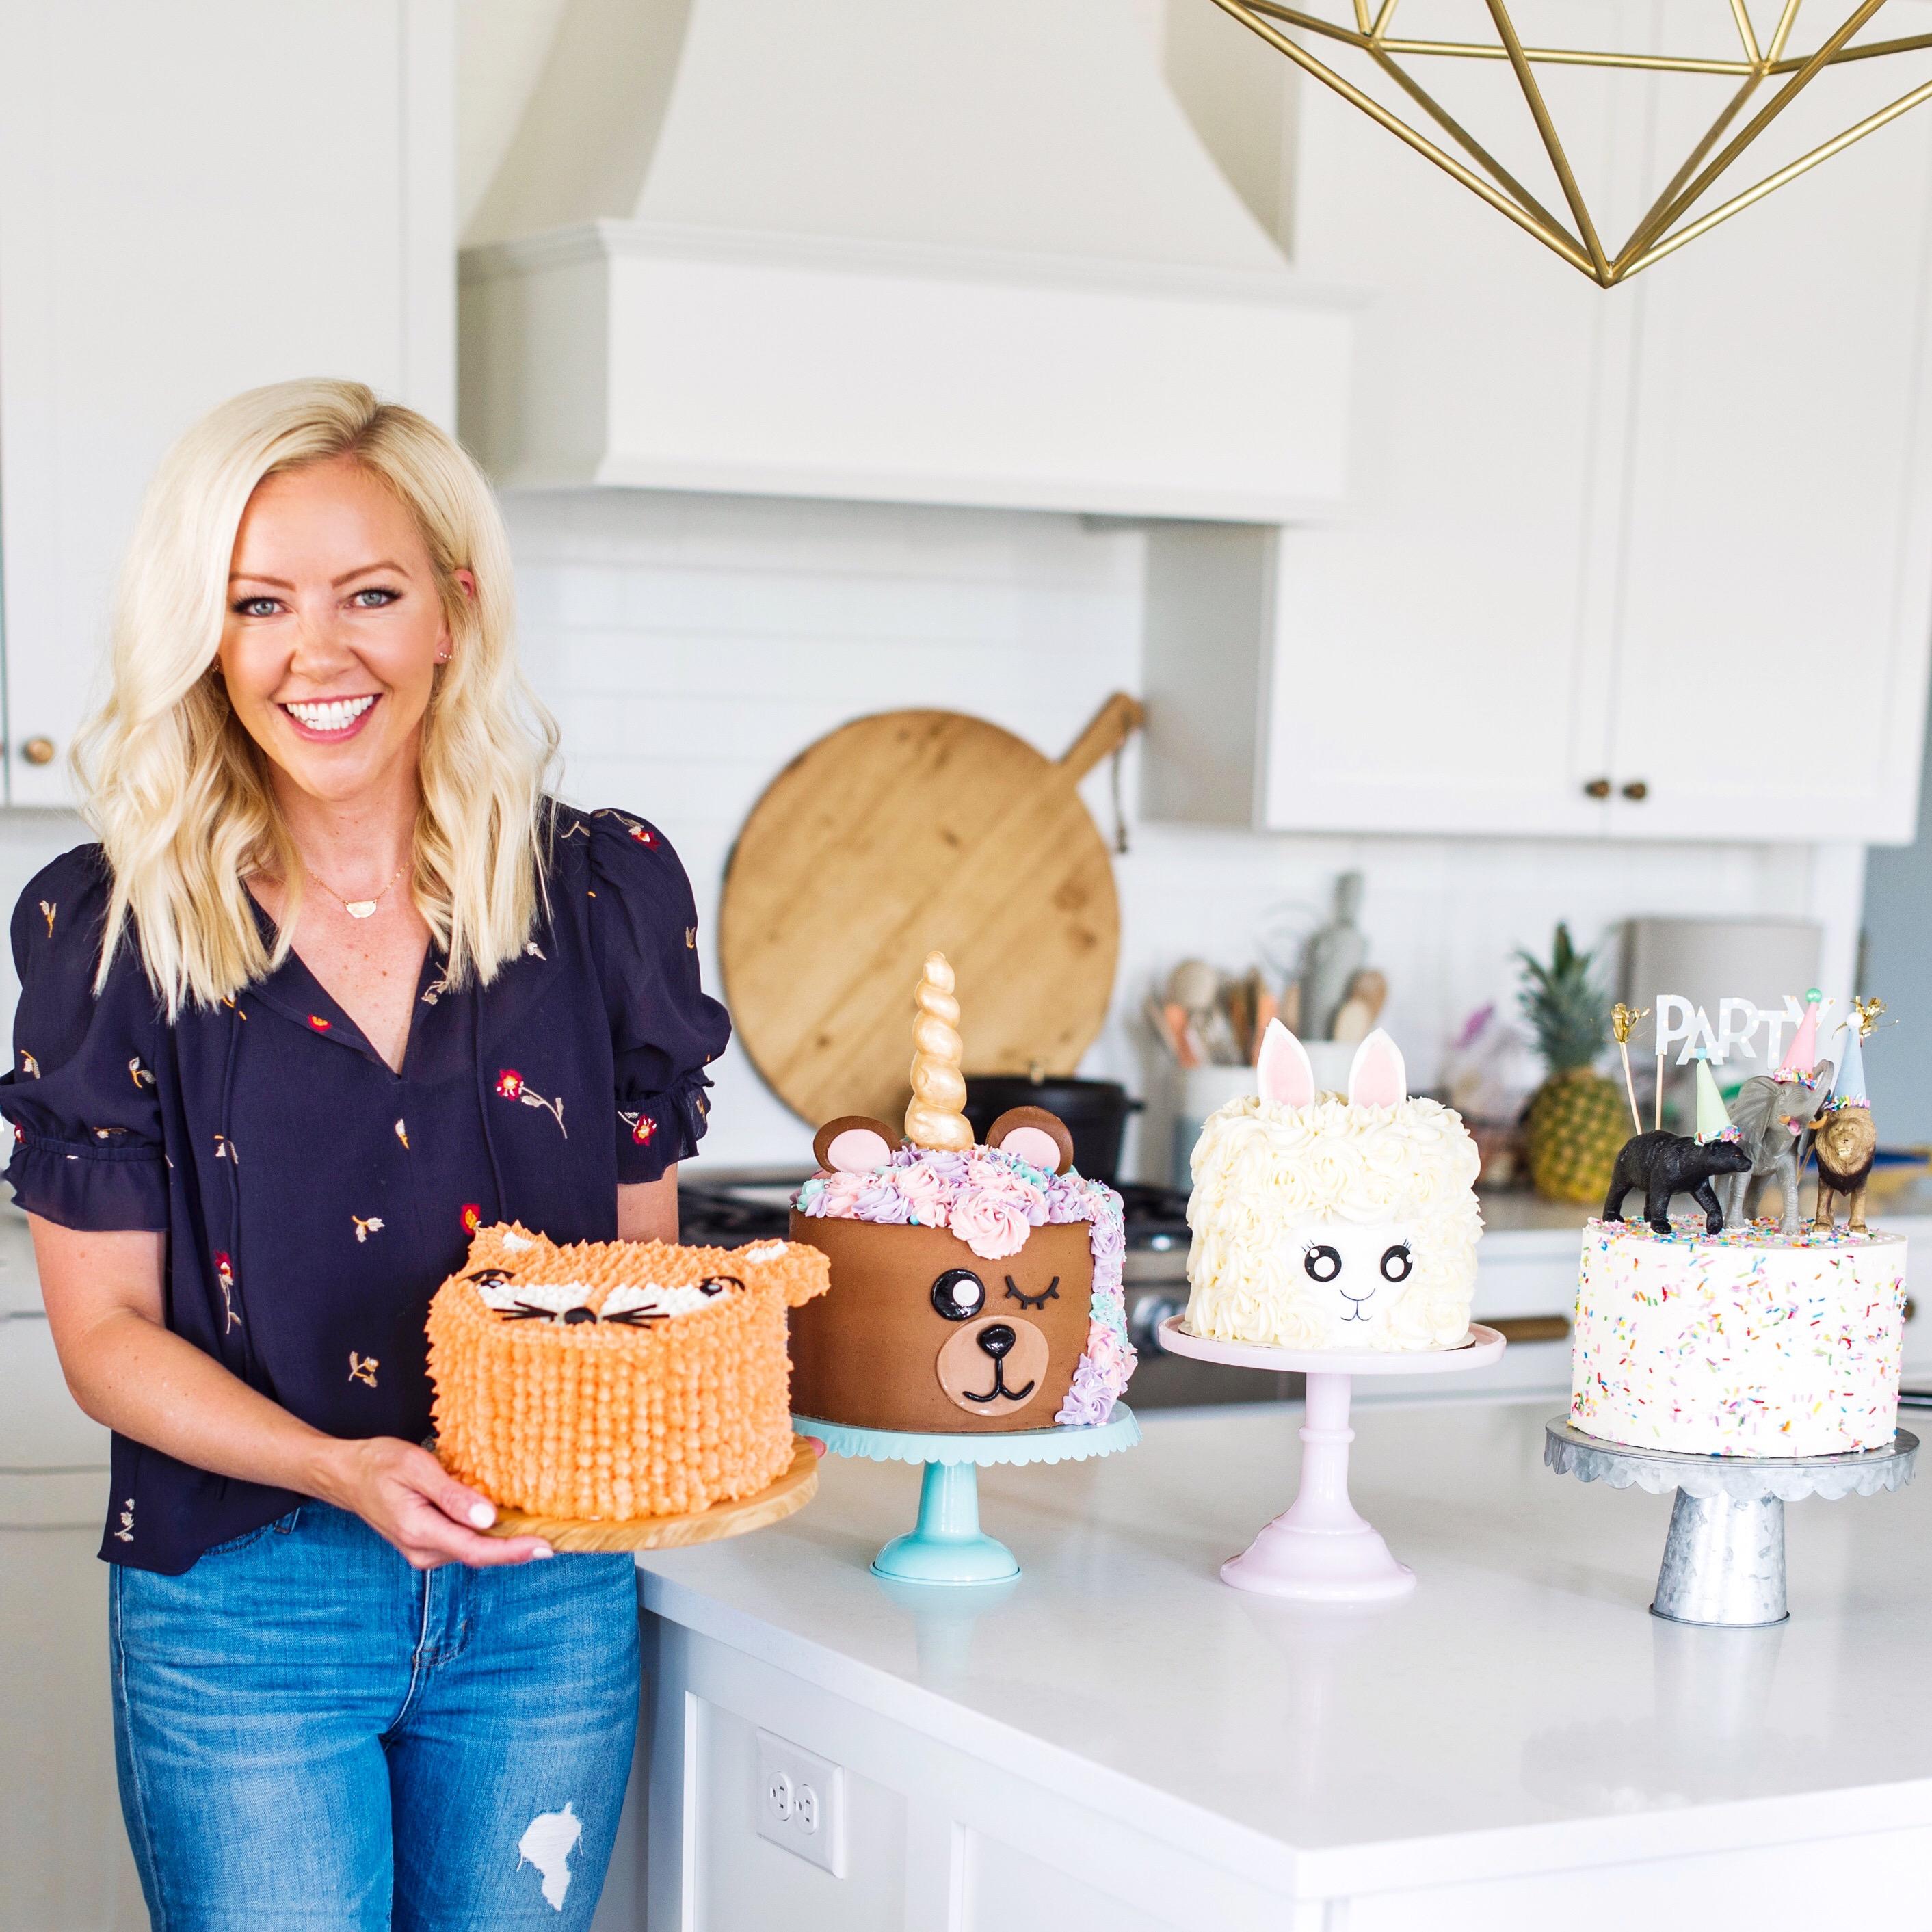 Four fun and easy animal cakes for any level baker! #cakebycourtney #cake #animalcakes #birthdaycake #unicorncake #bearcake #lambcake #foxcake #bearunicorncake #cakes #easybirthdaycakes